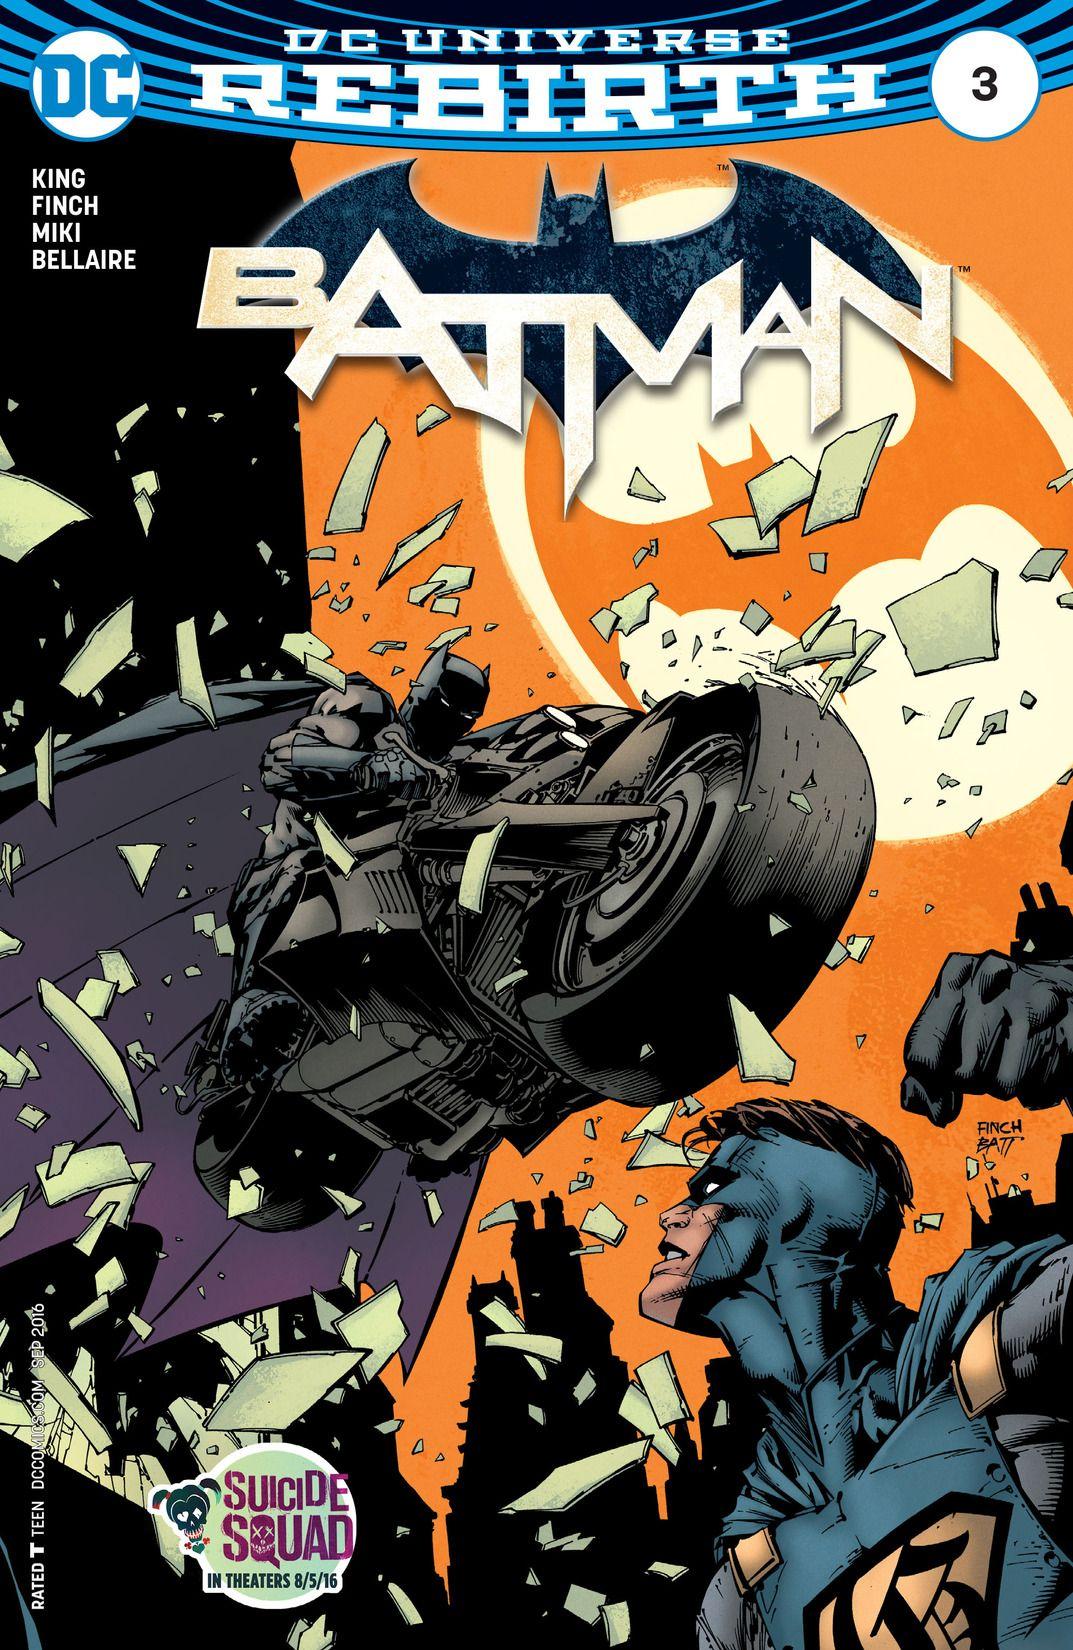 Batman REBIRTH #3 from 2016